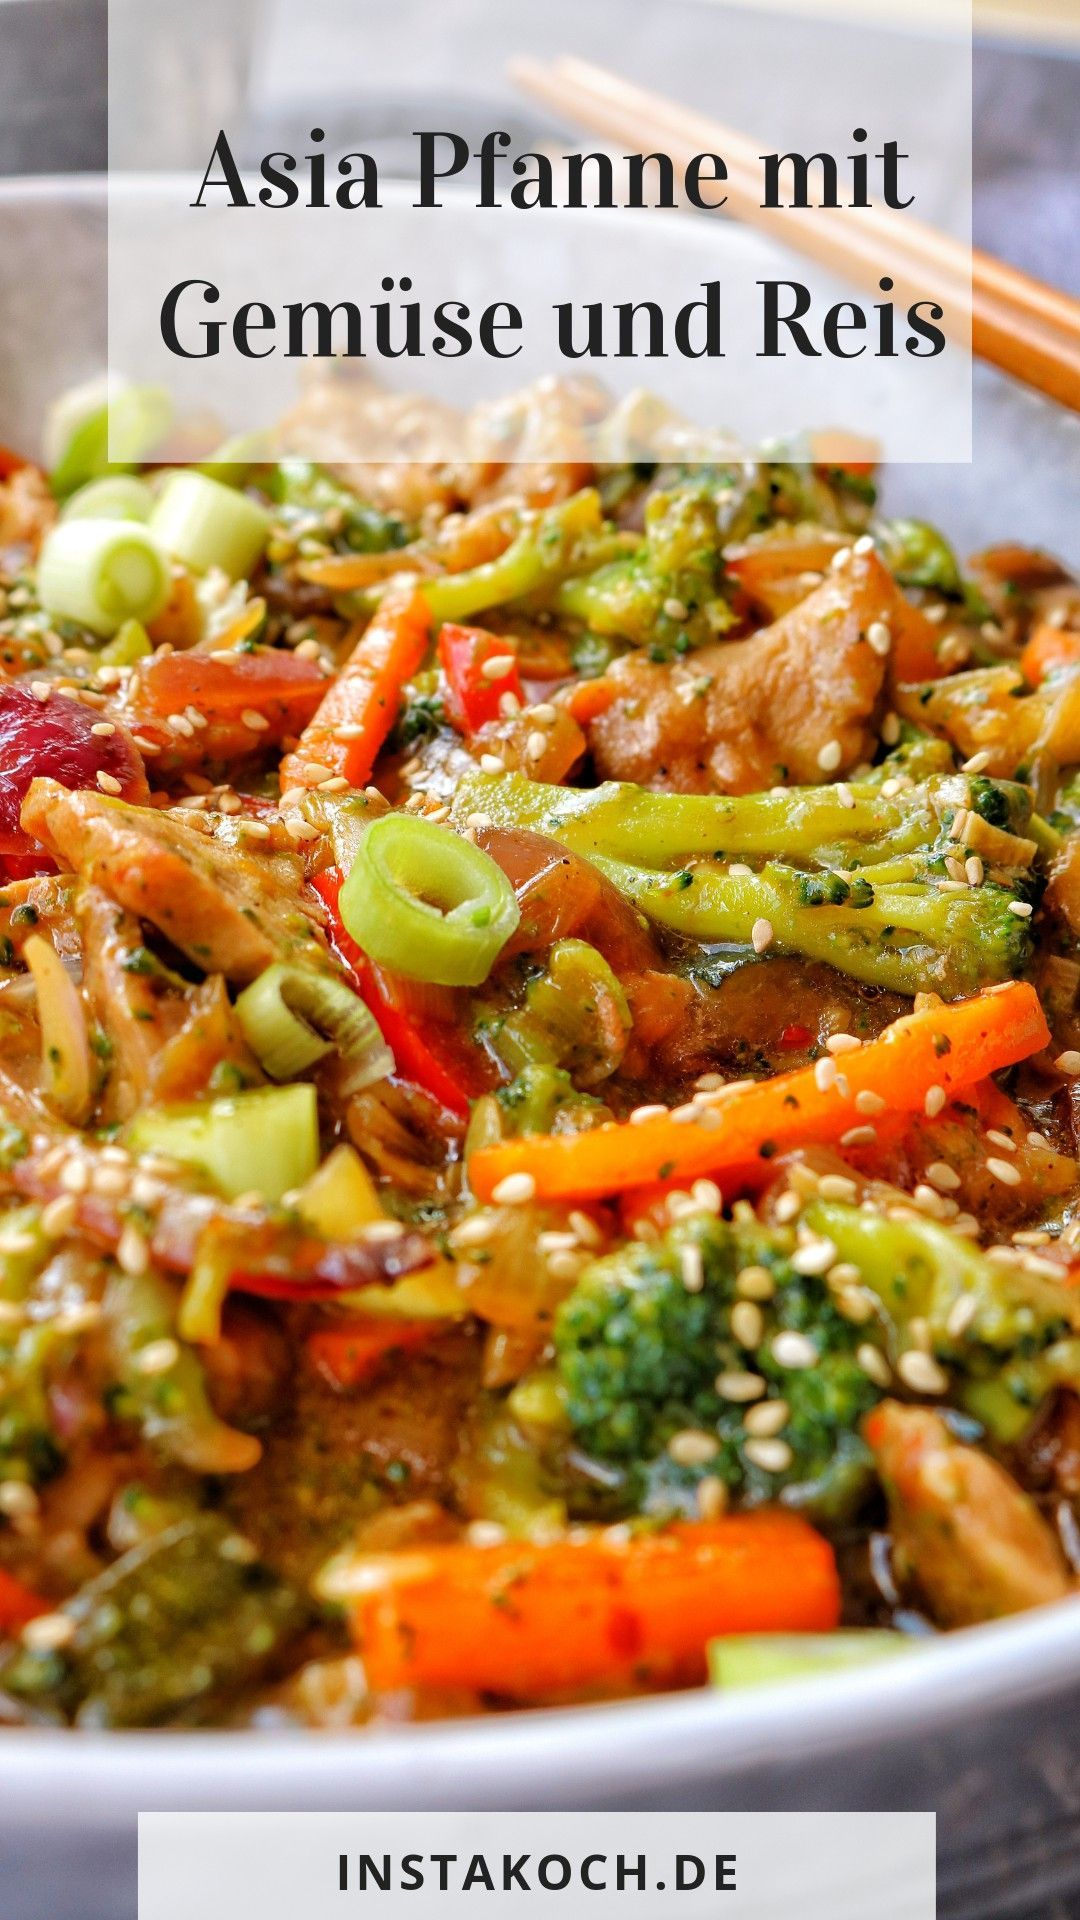 Asia Pfanne mit Gemüse und Reis  recipe grilled